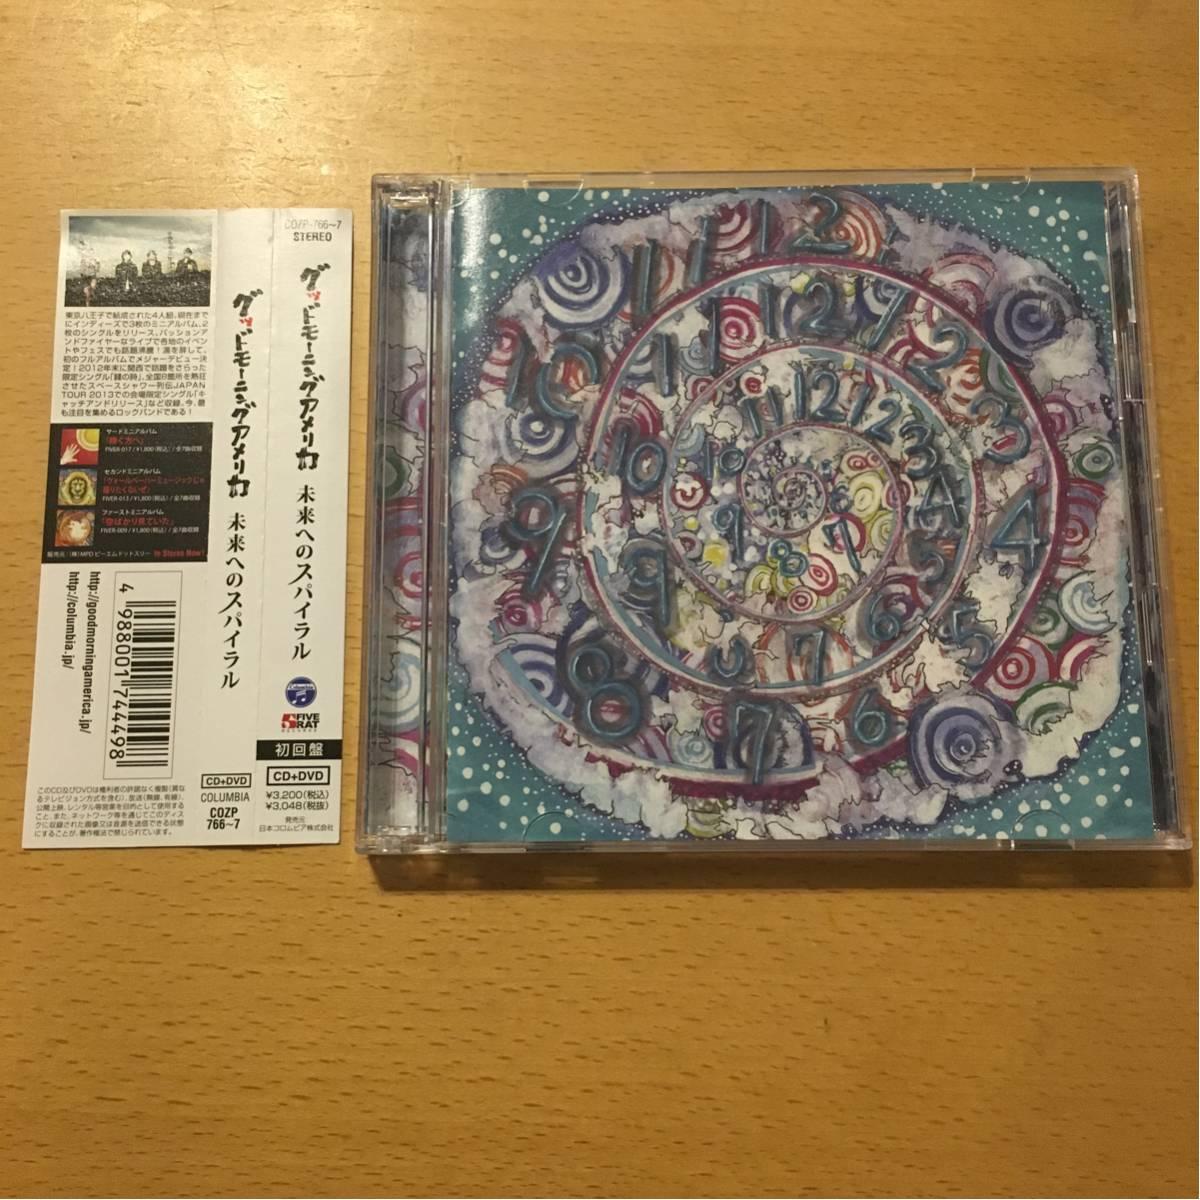 グッドモーニングアメリカ『未来へのスパイラル』初回限定盤CD+DVD☆帯付☆美品☆アルバム☆82_画像1